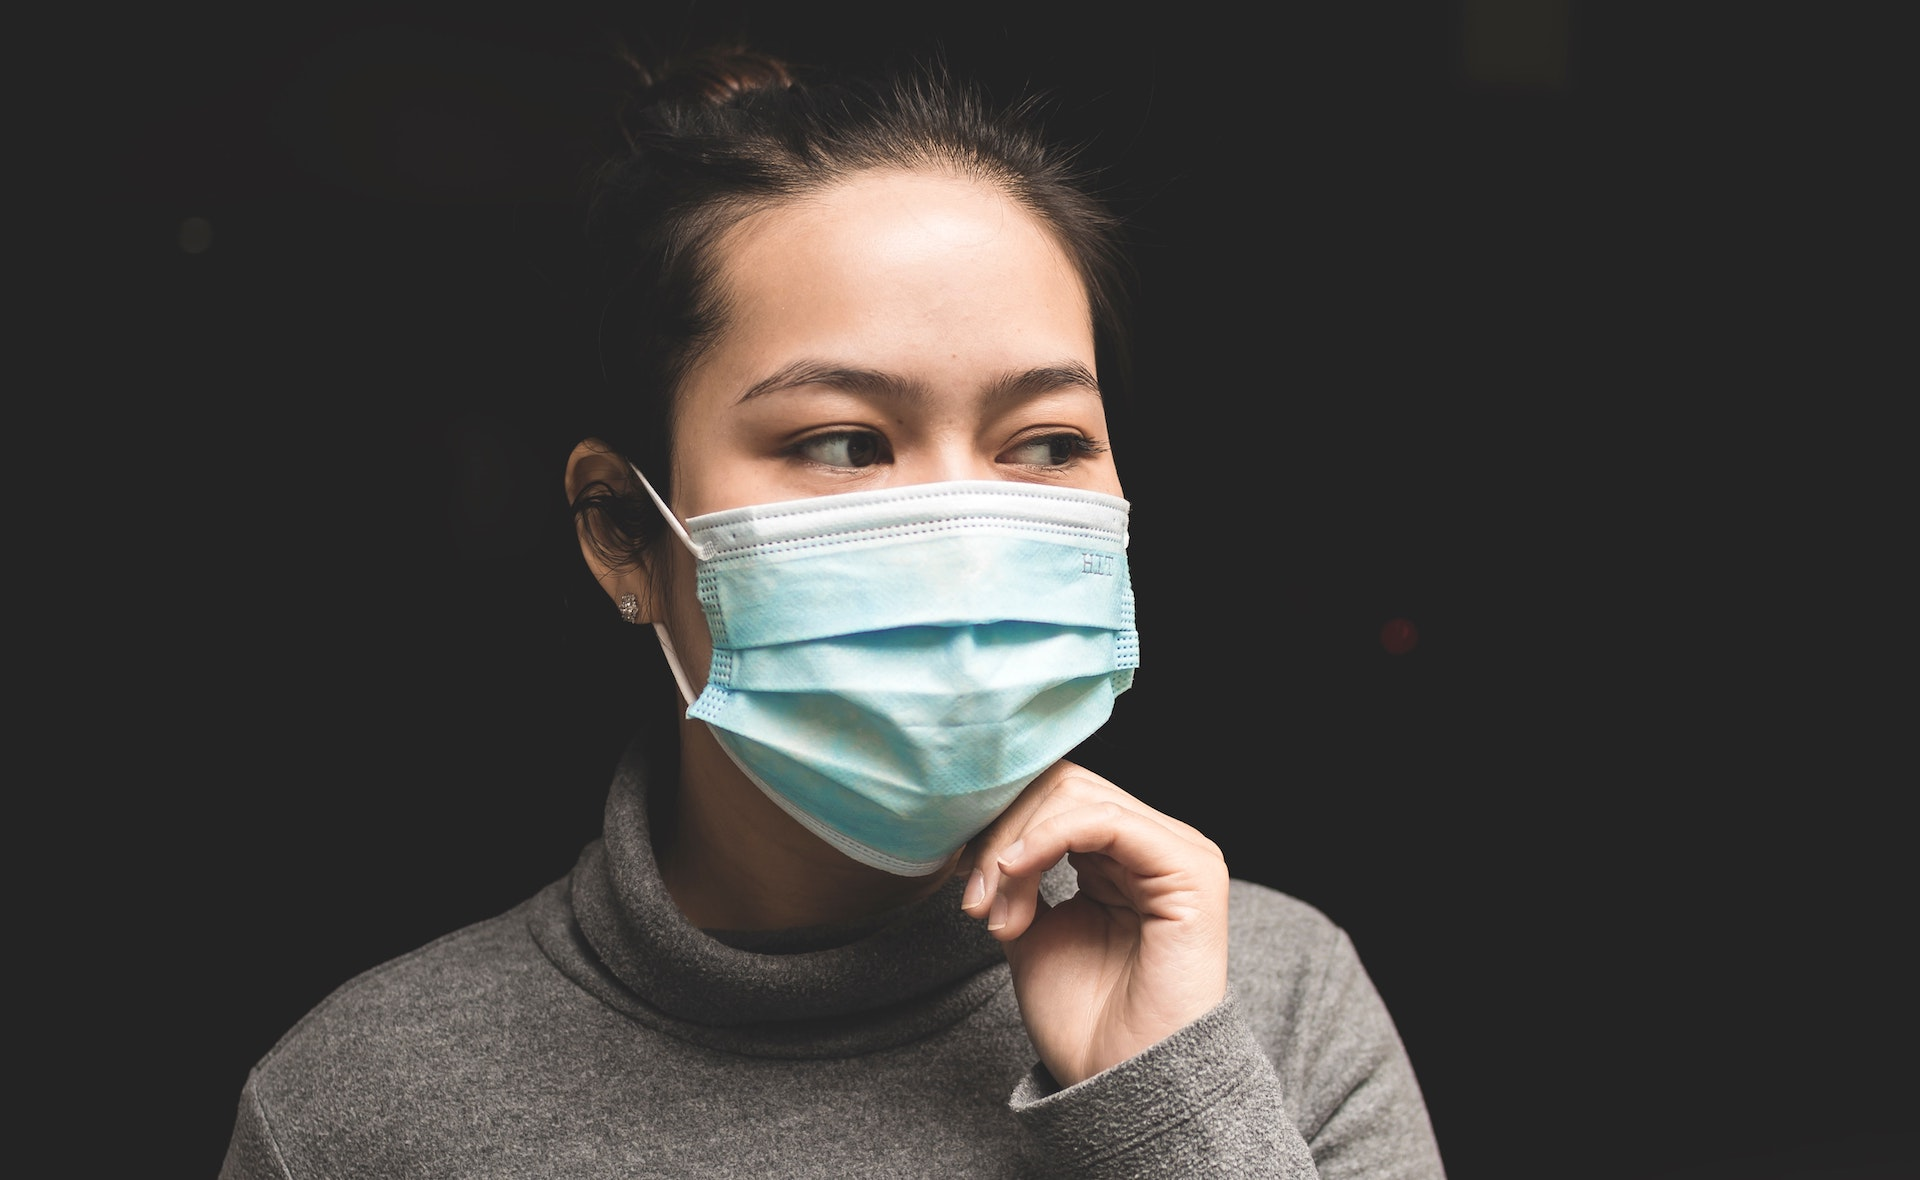 Eltern Entschädigung Infektionsschutz Gesetz Corona